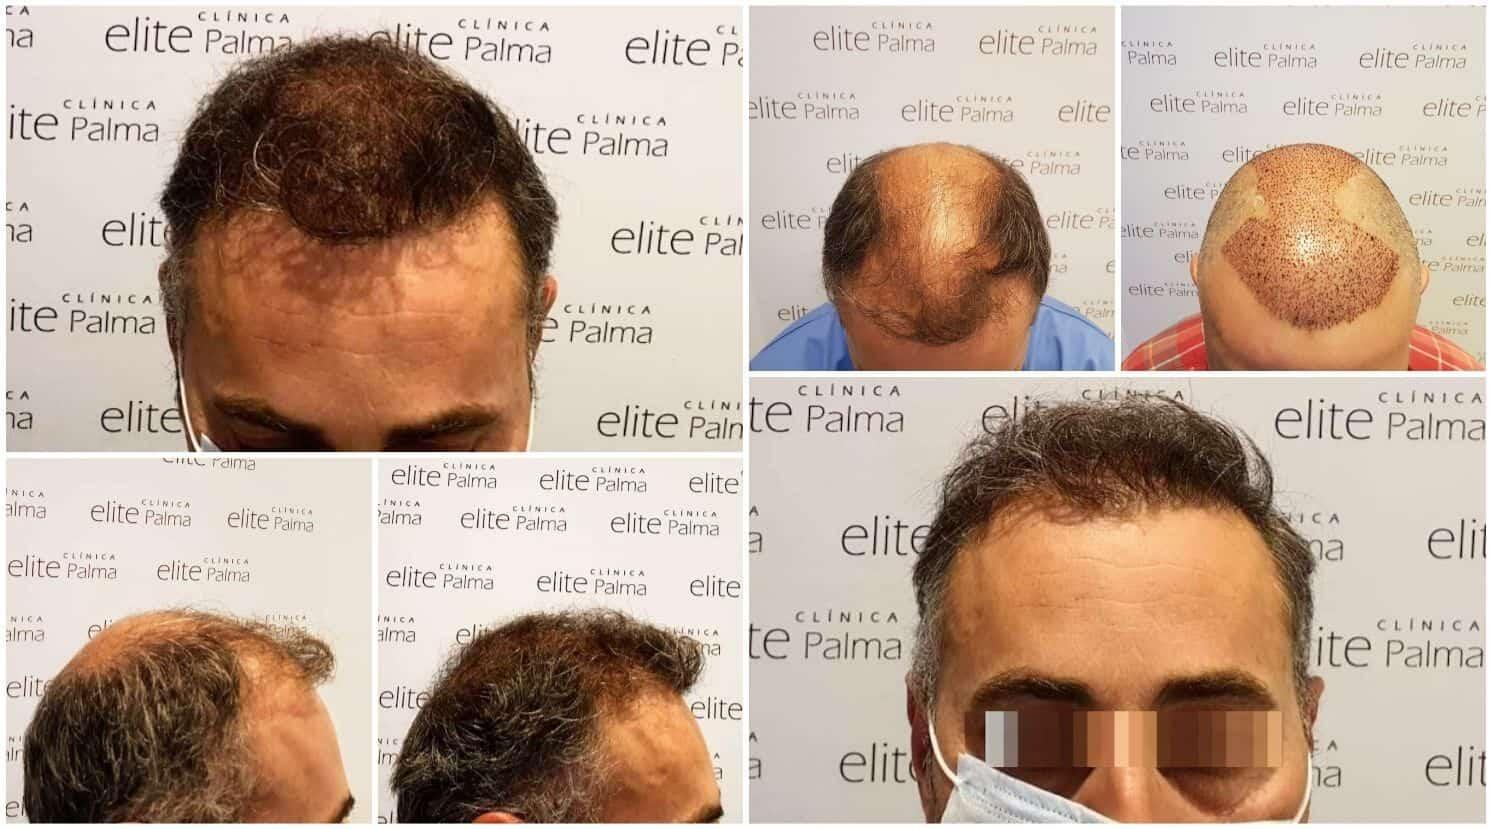 Resultados-Trasplante-Capilar-Mayo-2020-Clinica-Elite-Palma